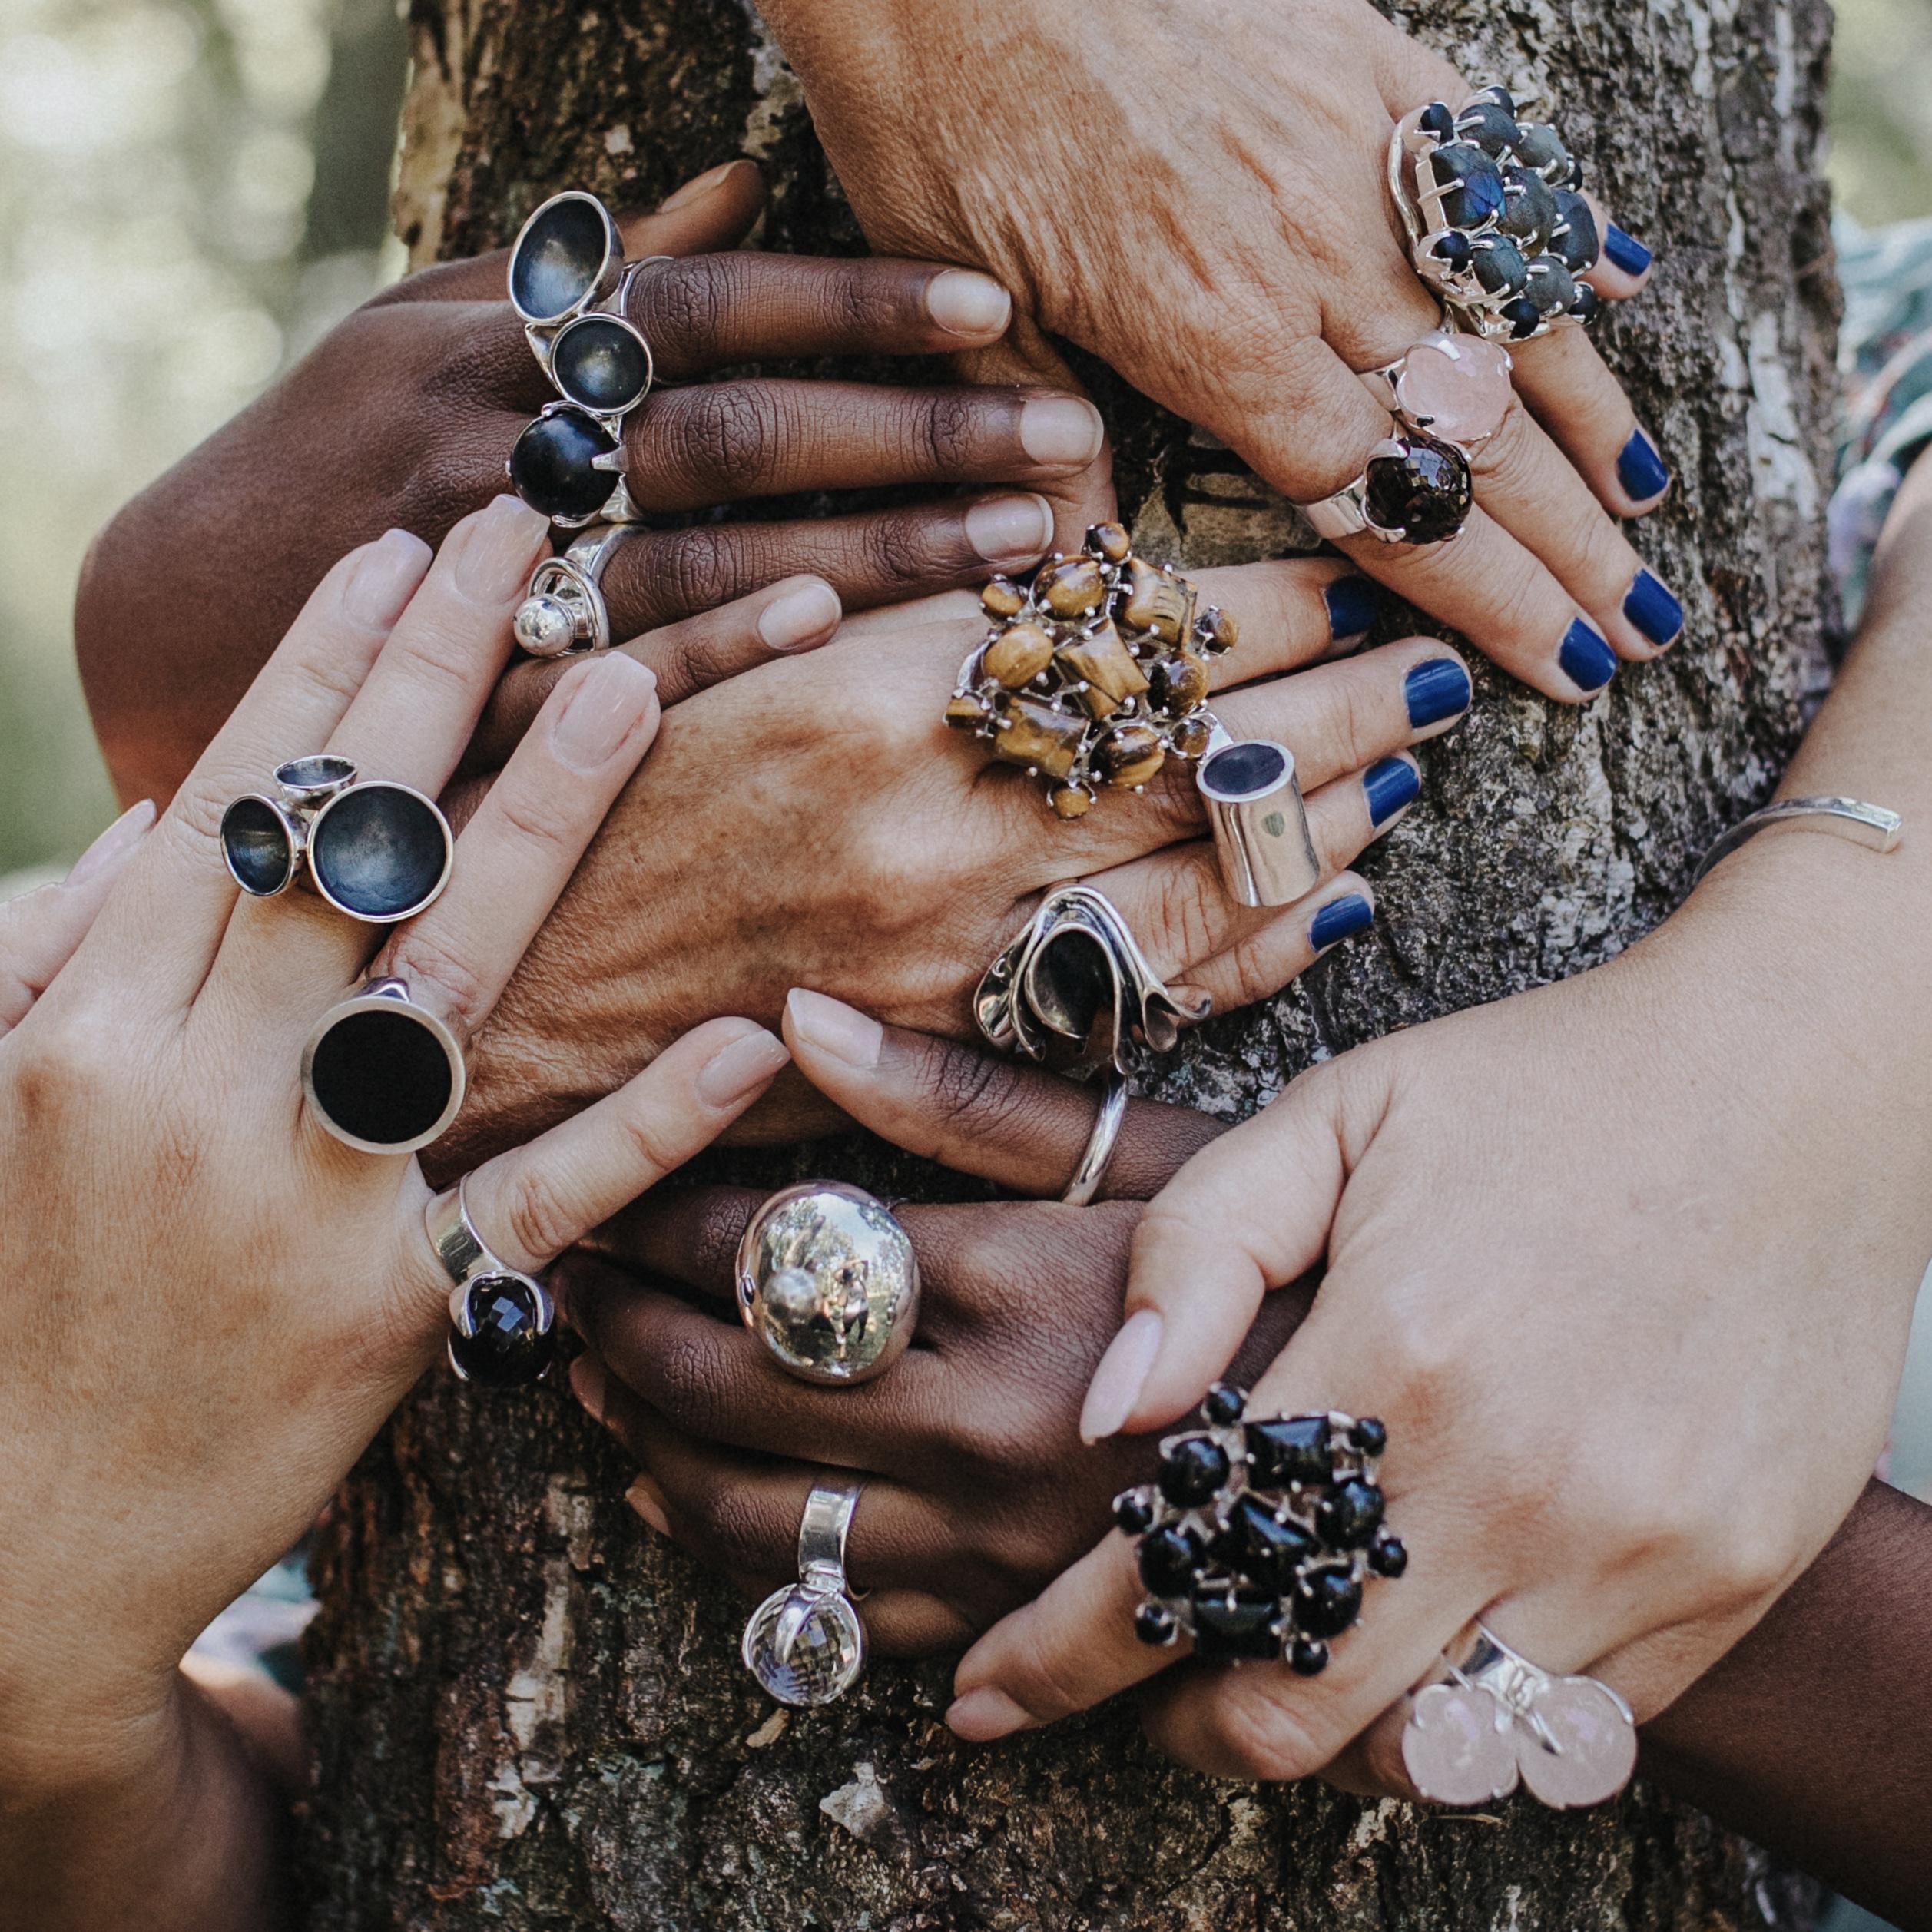 Händer med många stora ringar. Hands with many big rings.